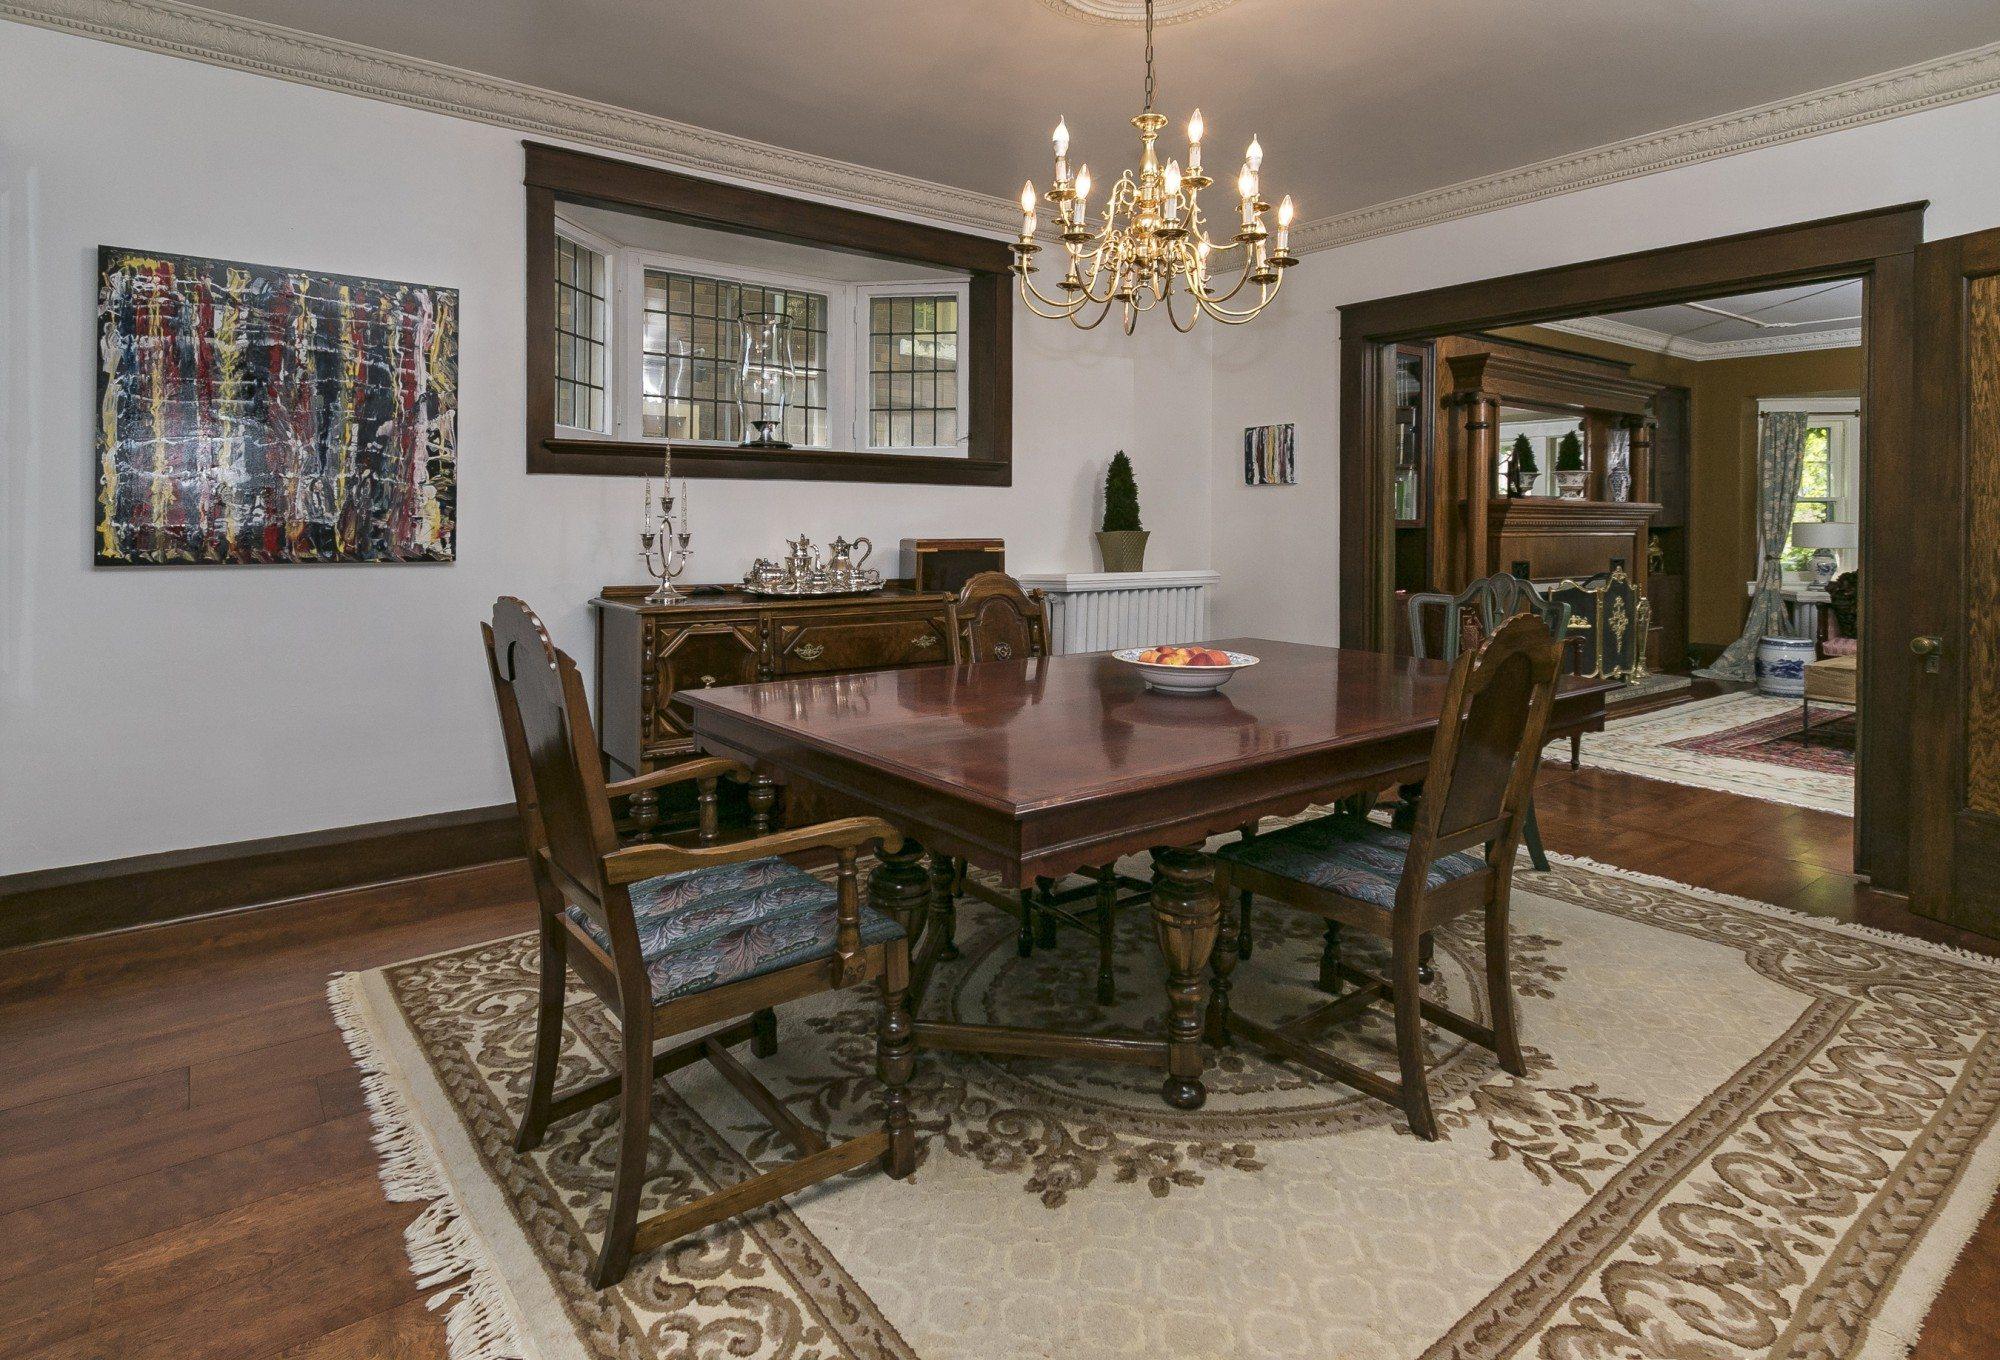 toronto-house-for-sale-15-glenholme-avenue-4